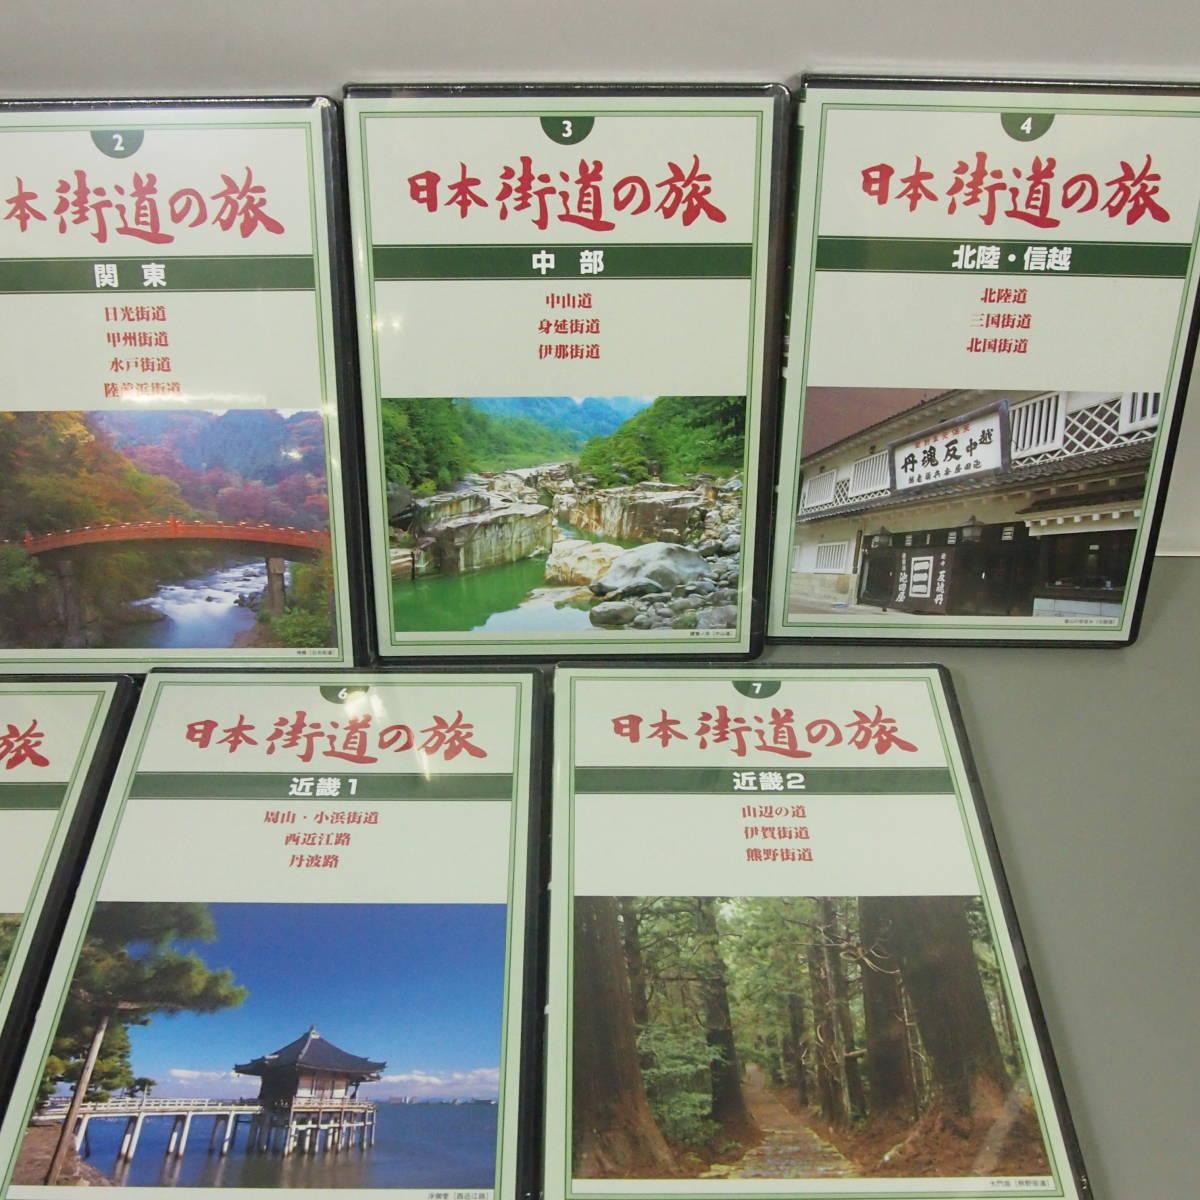 ユーキャン 日本 街道の旅 DVD 10巻セット 木製ケース付き 未開封品_画像5